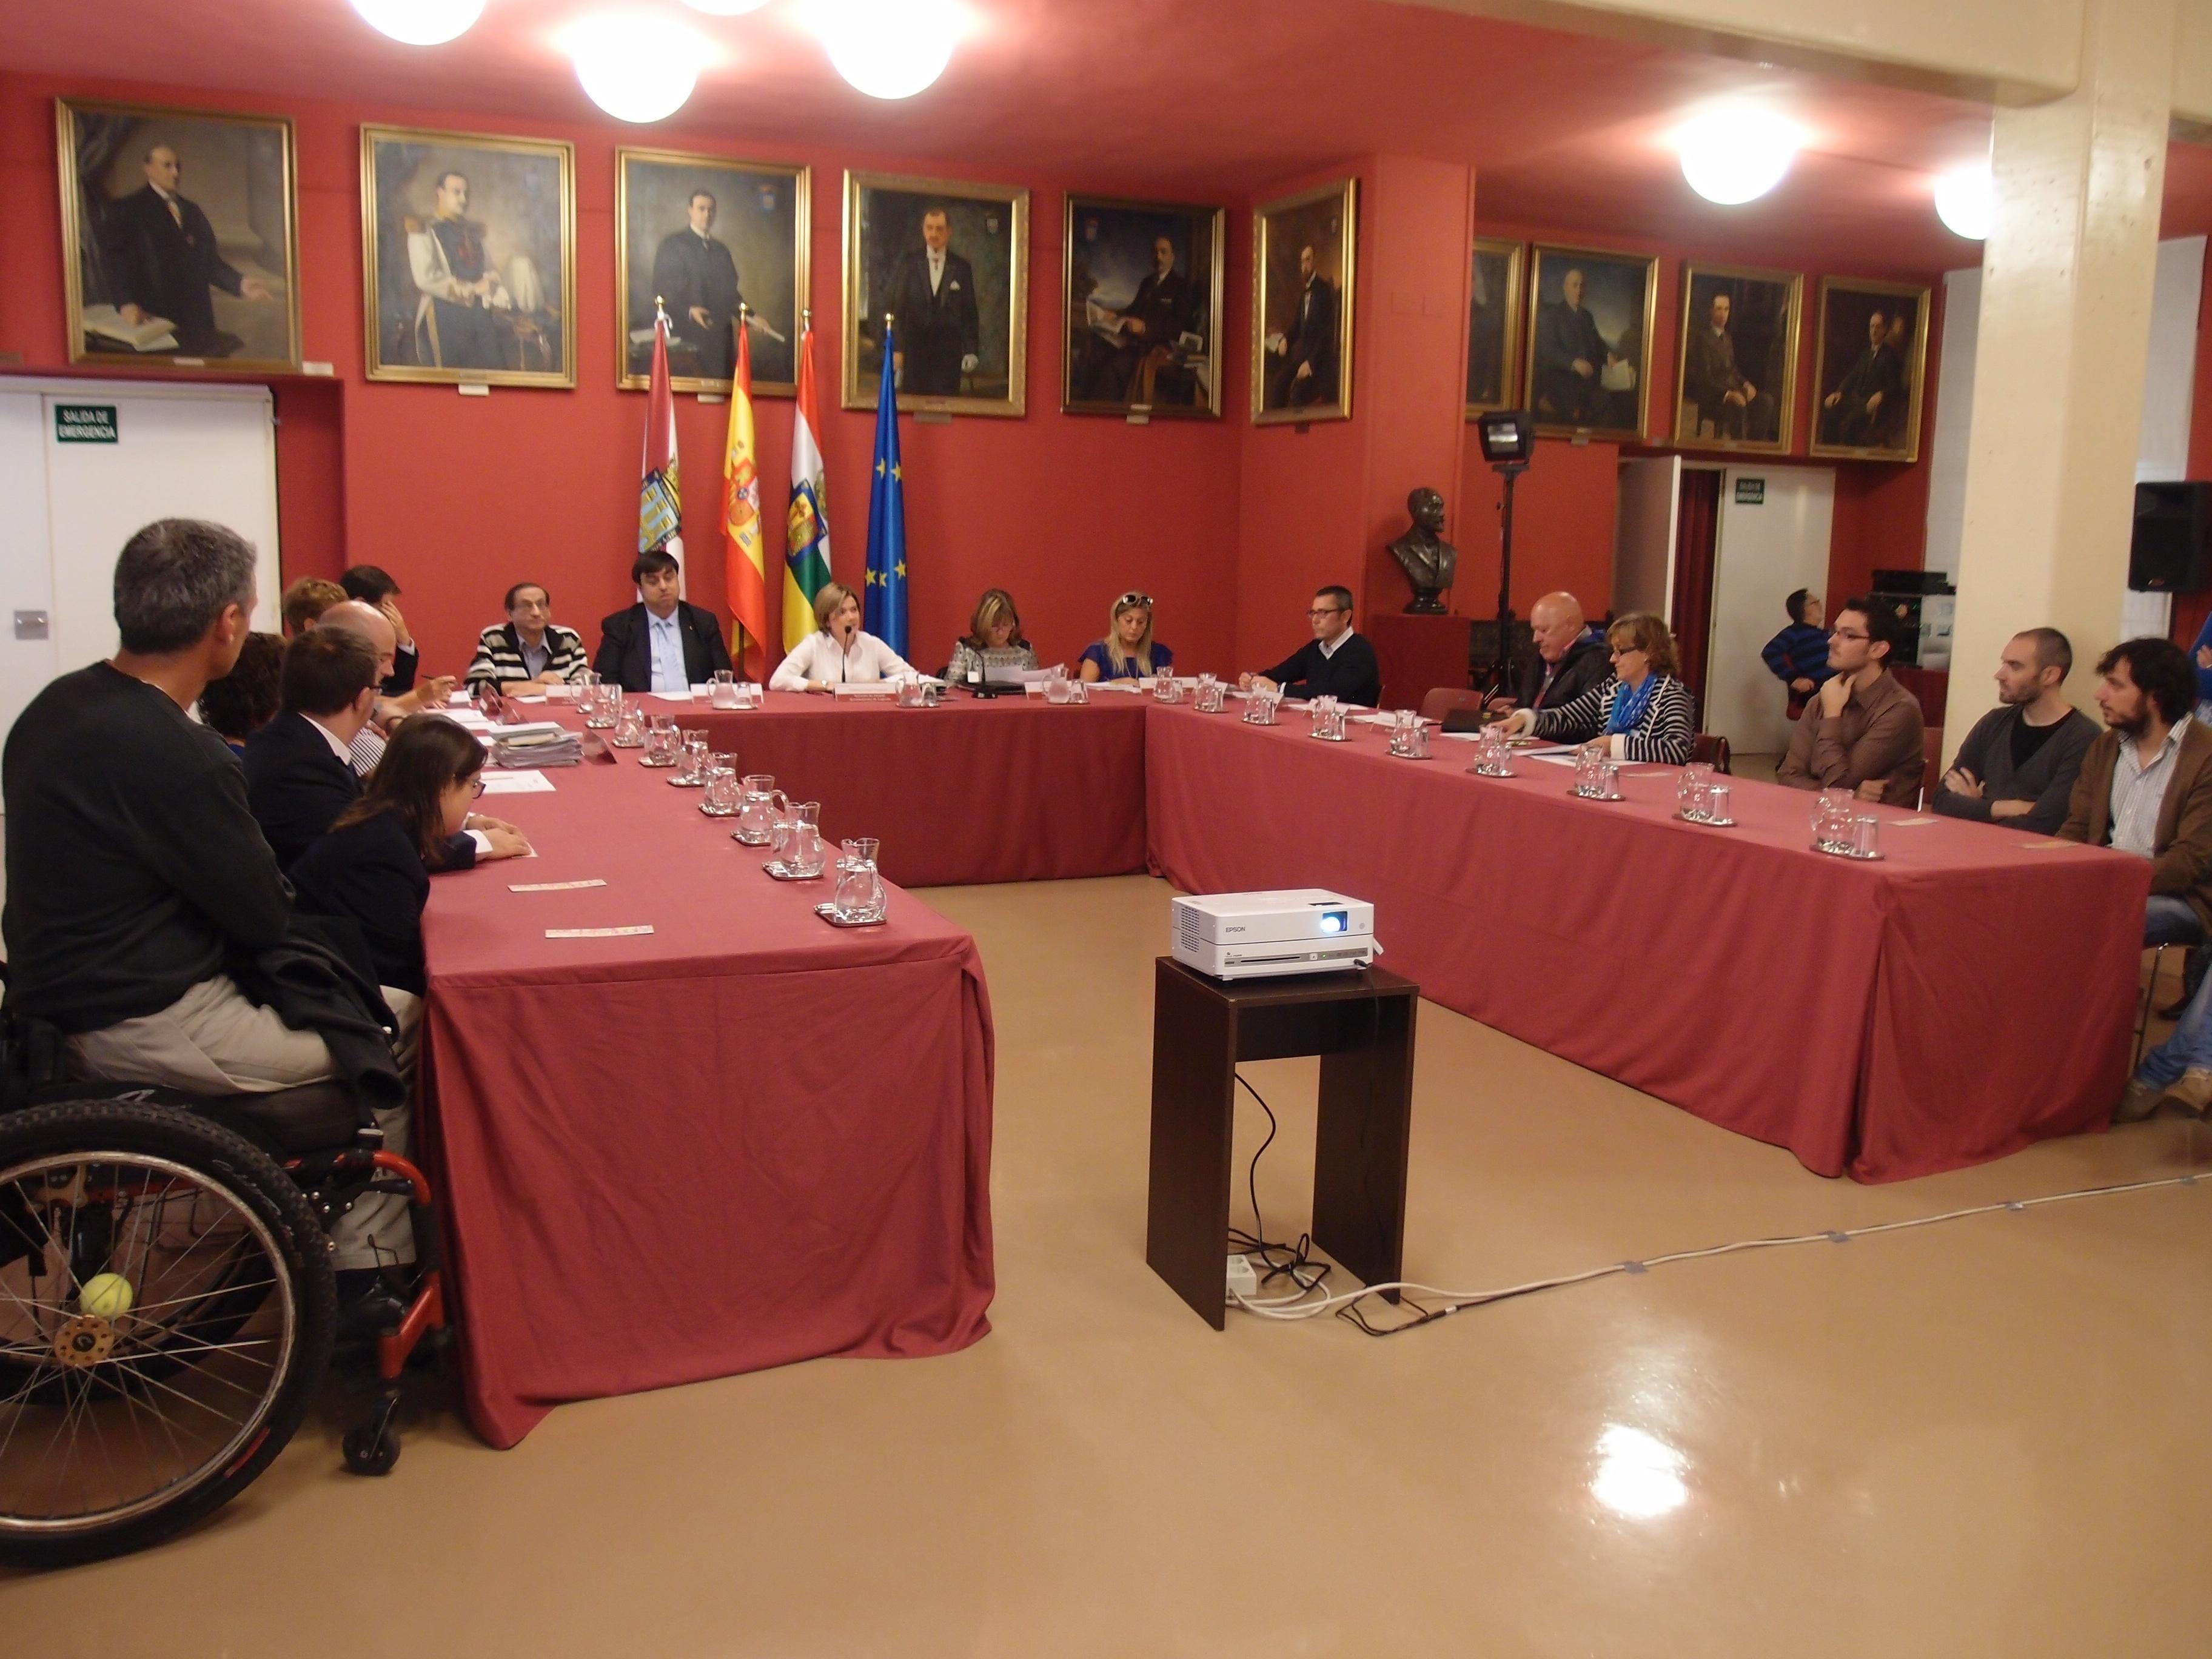 El Consejo Municipal de la Discapacidad analiza la evaluación del III Plan Municipal y el diseño del futuro IV Plan